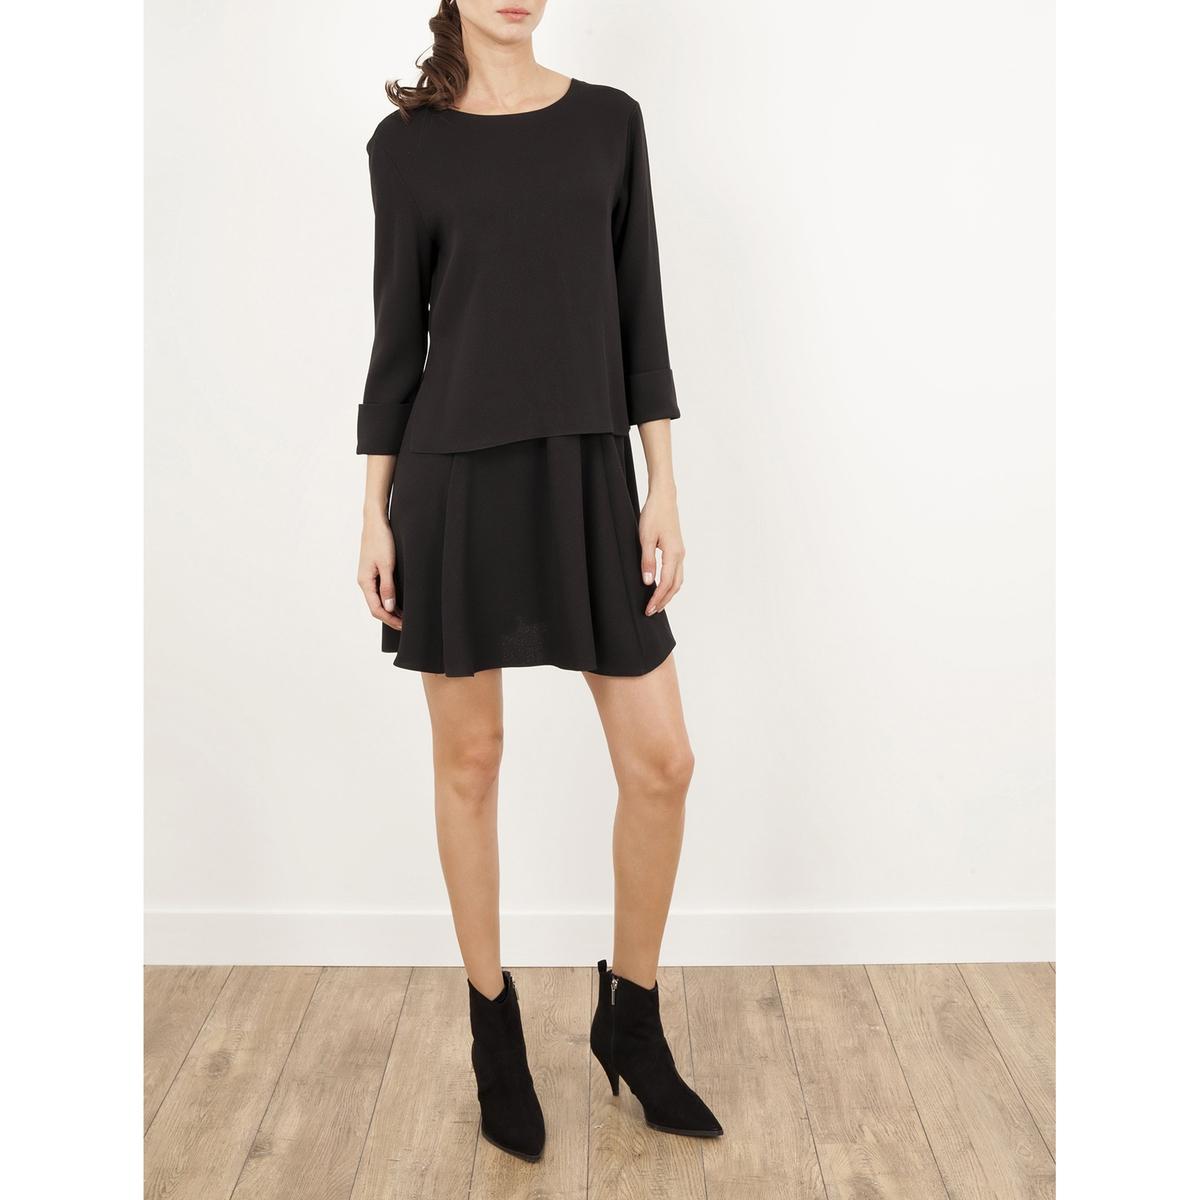 Платье с рукавами 3/4, из крепа LENNY B, RALLYEСостав и описание :Материал : 100% полиэстераМарка : LENNY B<br><br>Цвет: черный<br>Размер: 1(S).3(L).2(M)